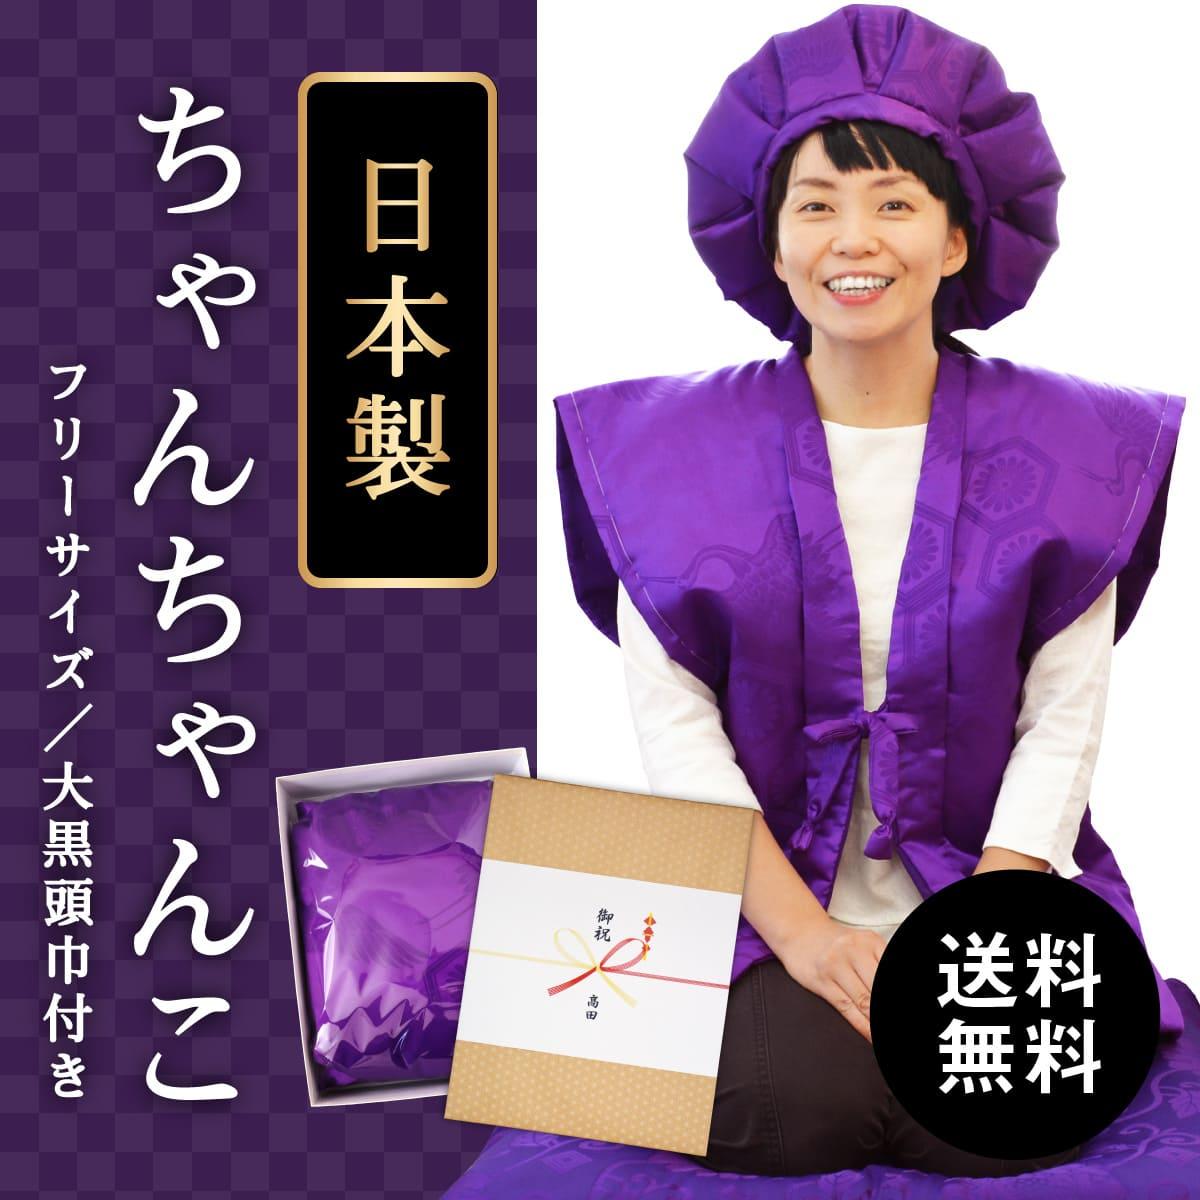 喜寿のお祝い用、紫色のちゃんちゃんこ